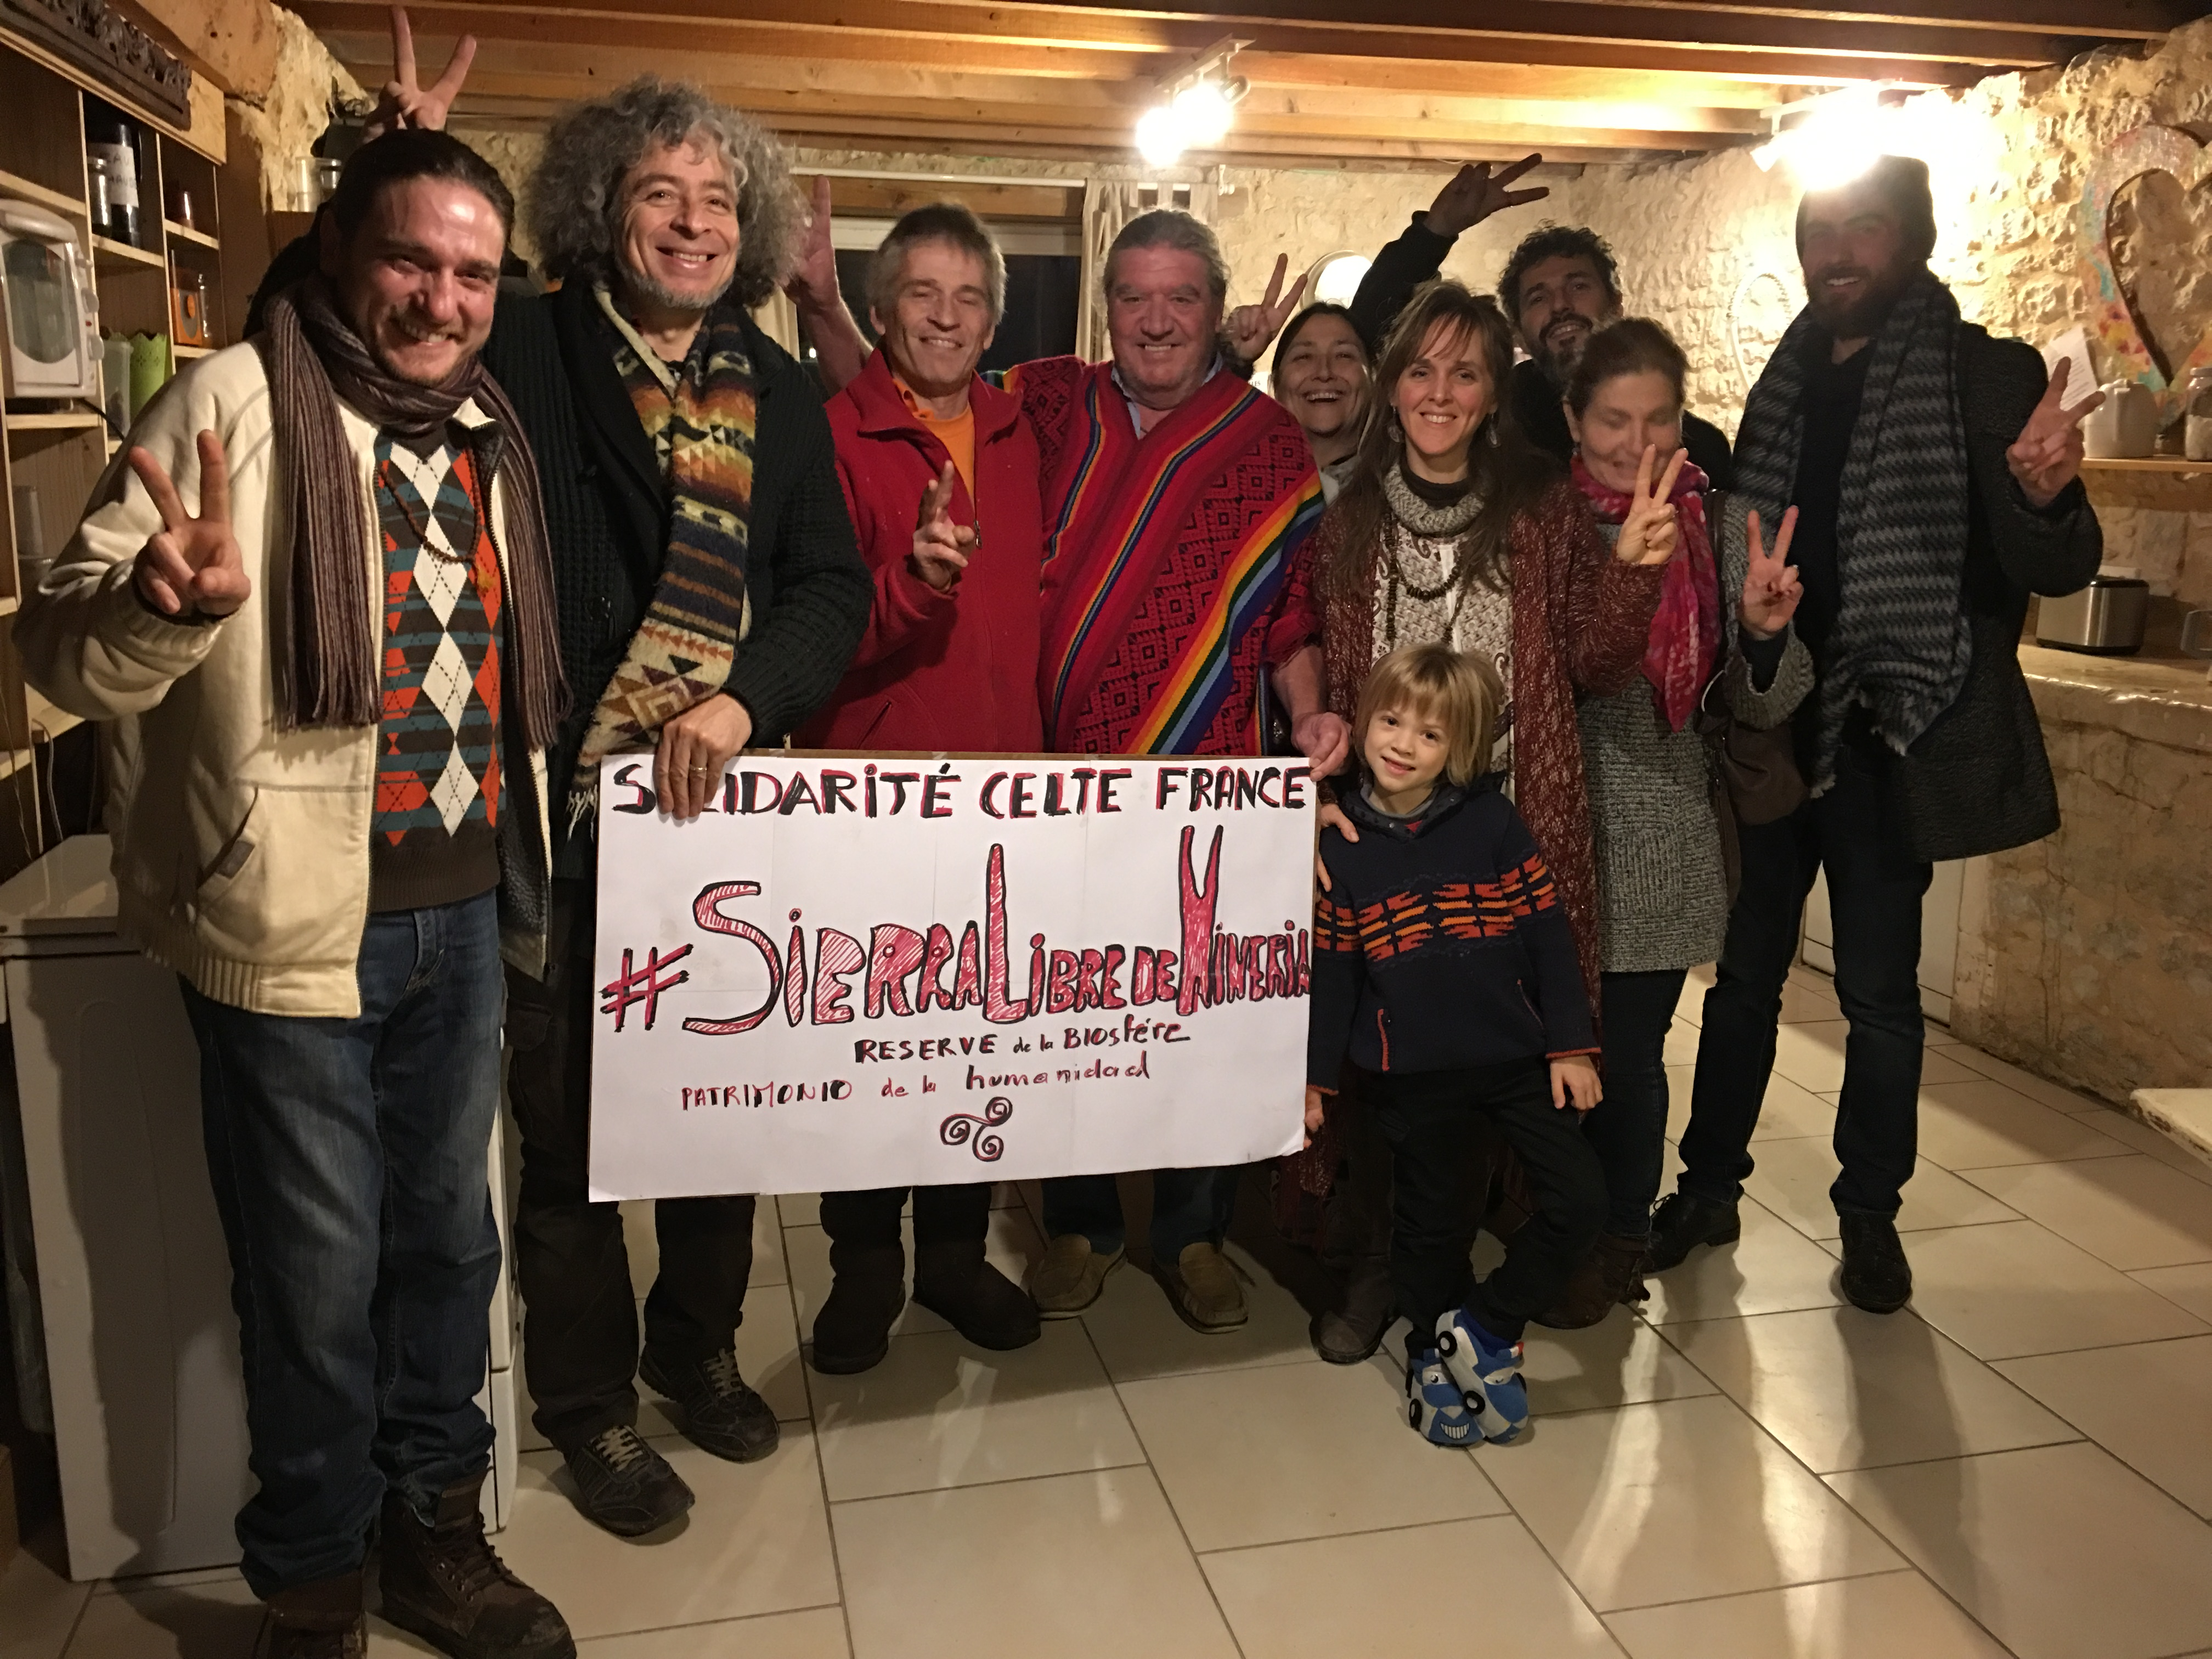 Marc vella pianiste international avec ses amis soutient les Arhuacos